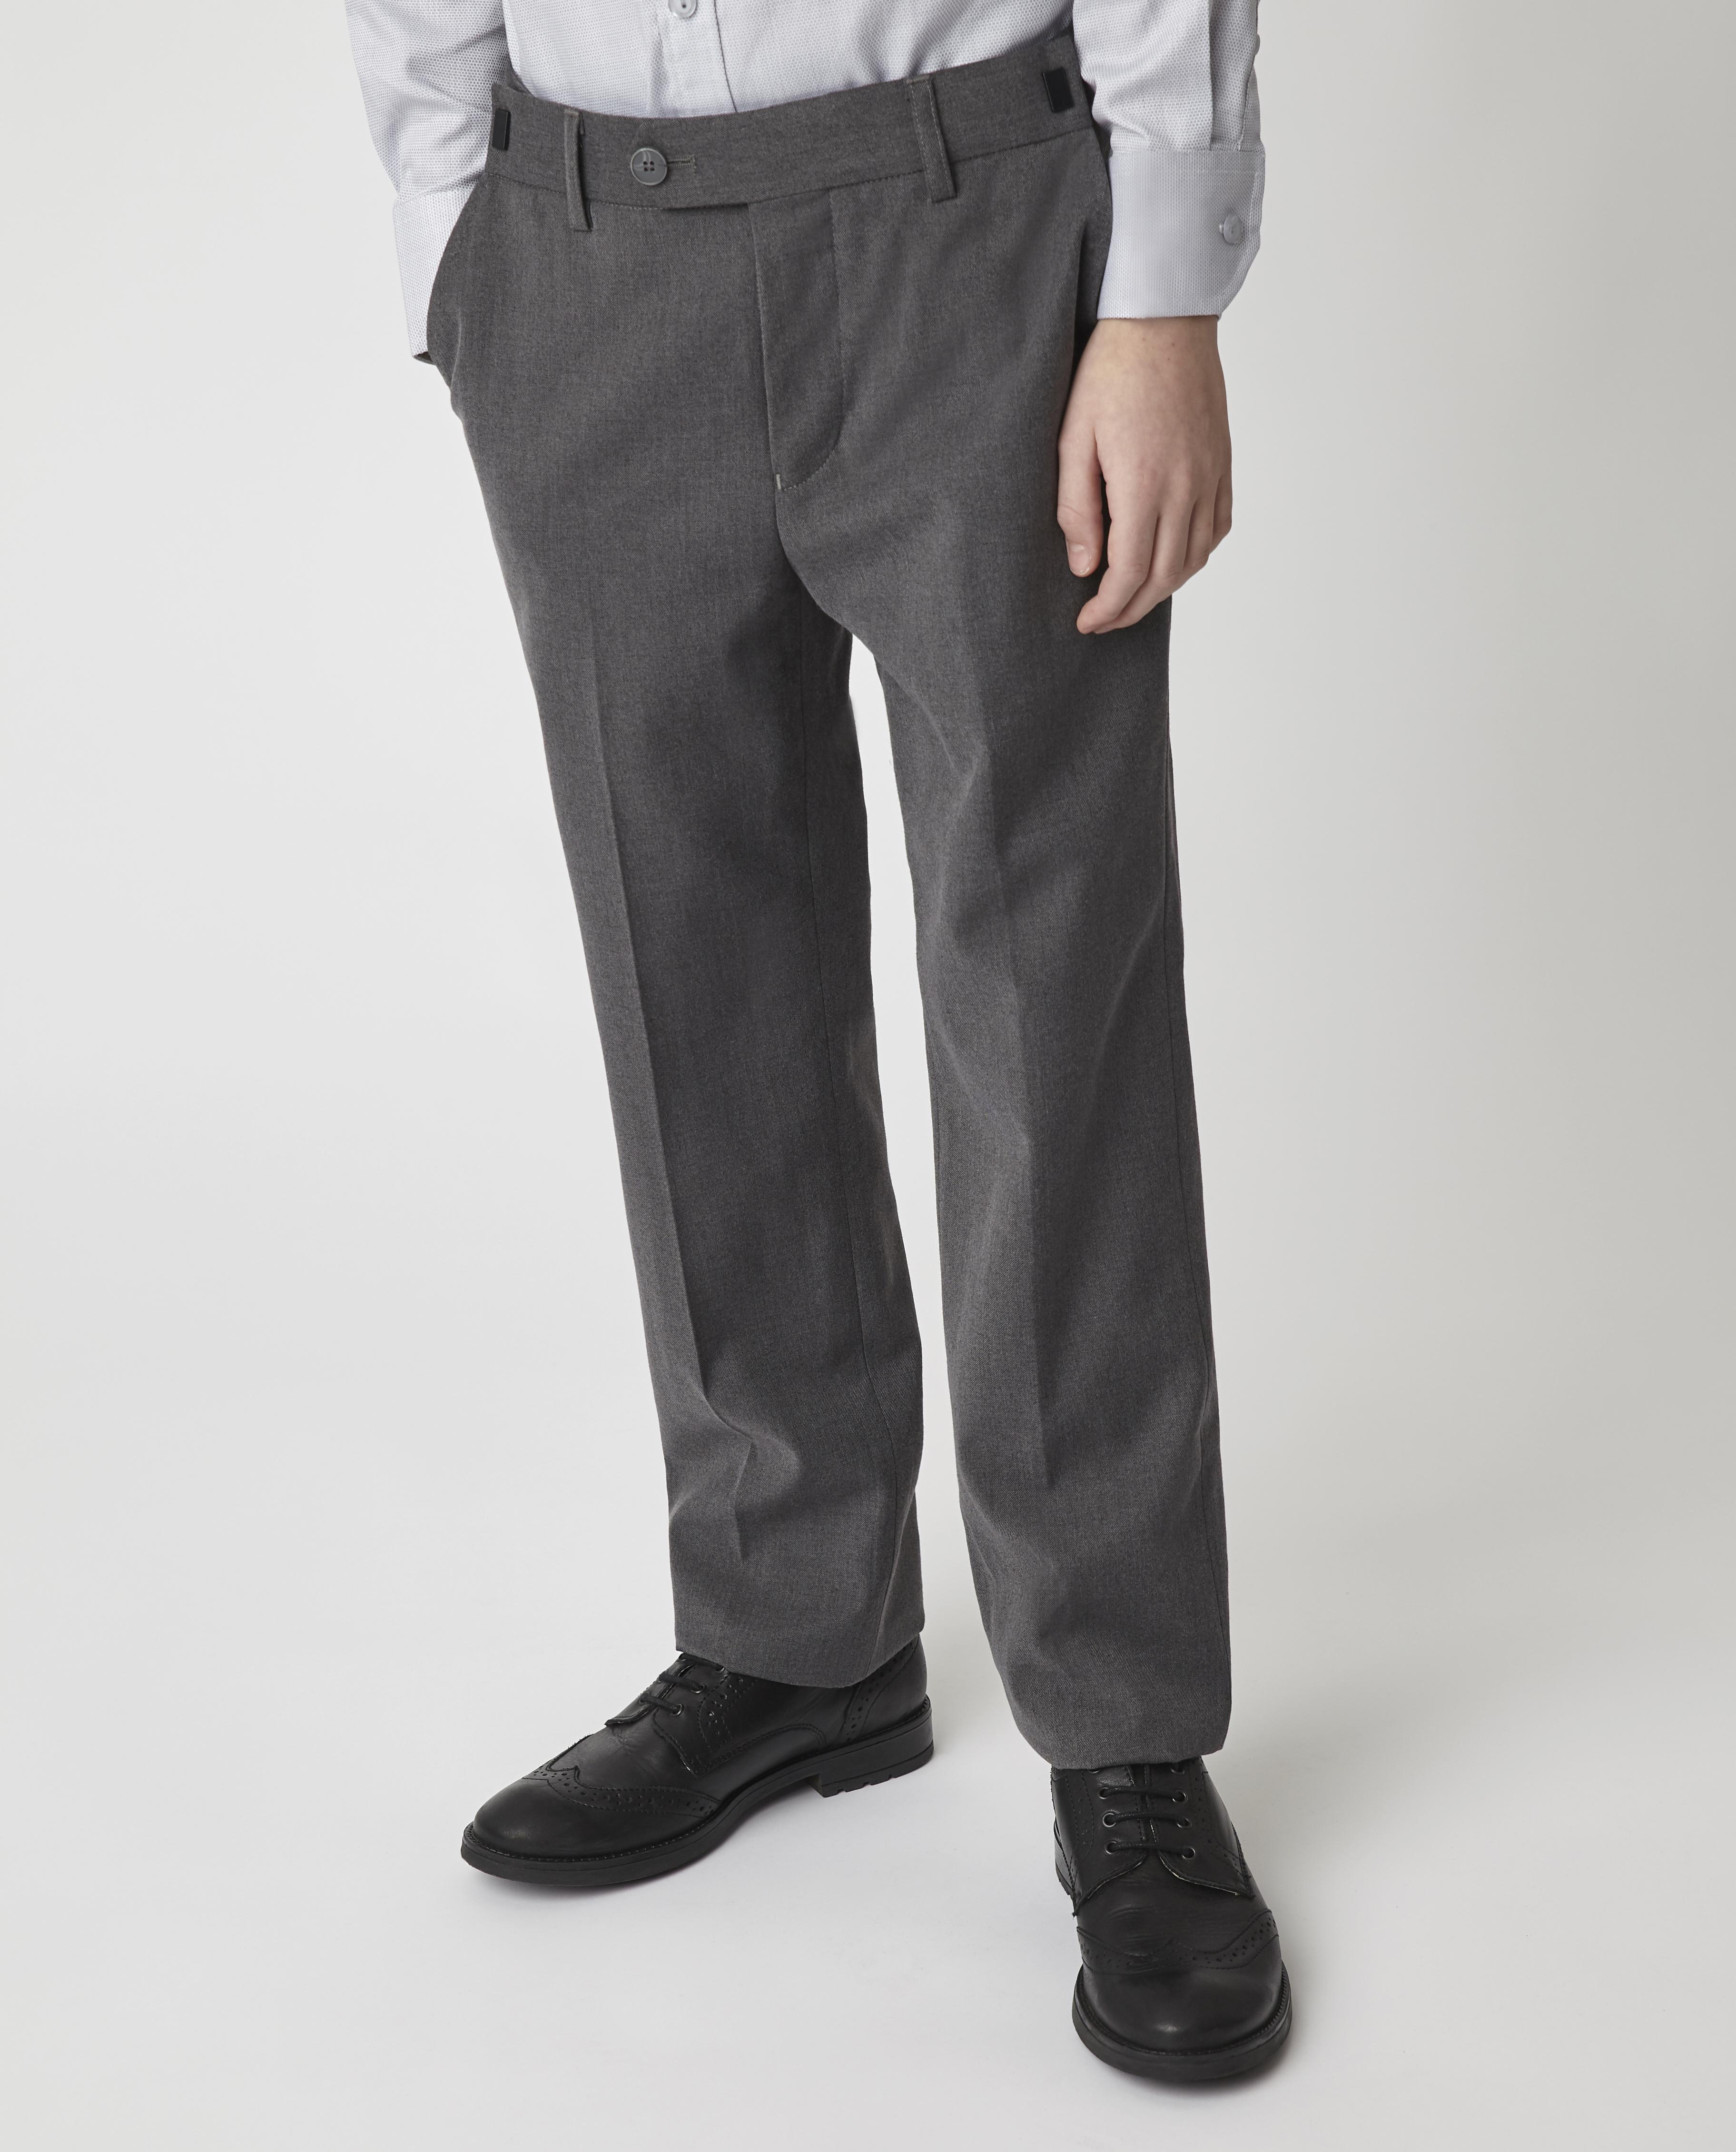 Купить Серые брюки Gulliver 220GSBC6303, размер 170, Брюки для мальчиков